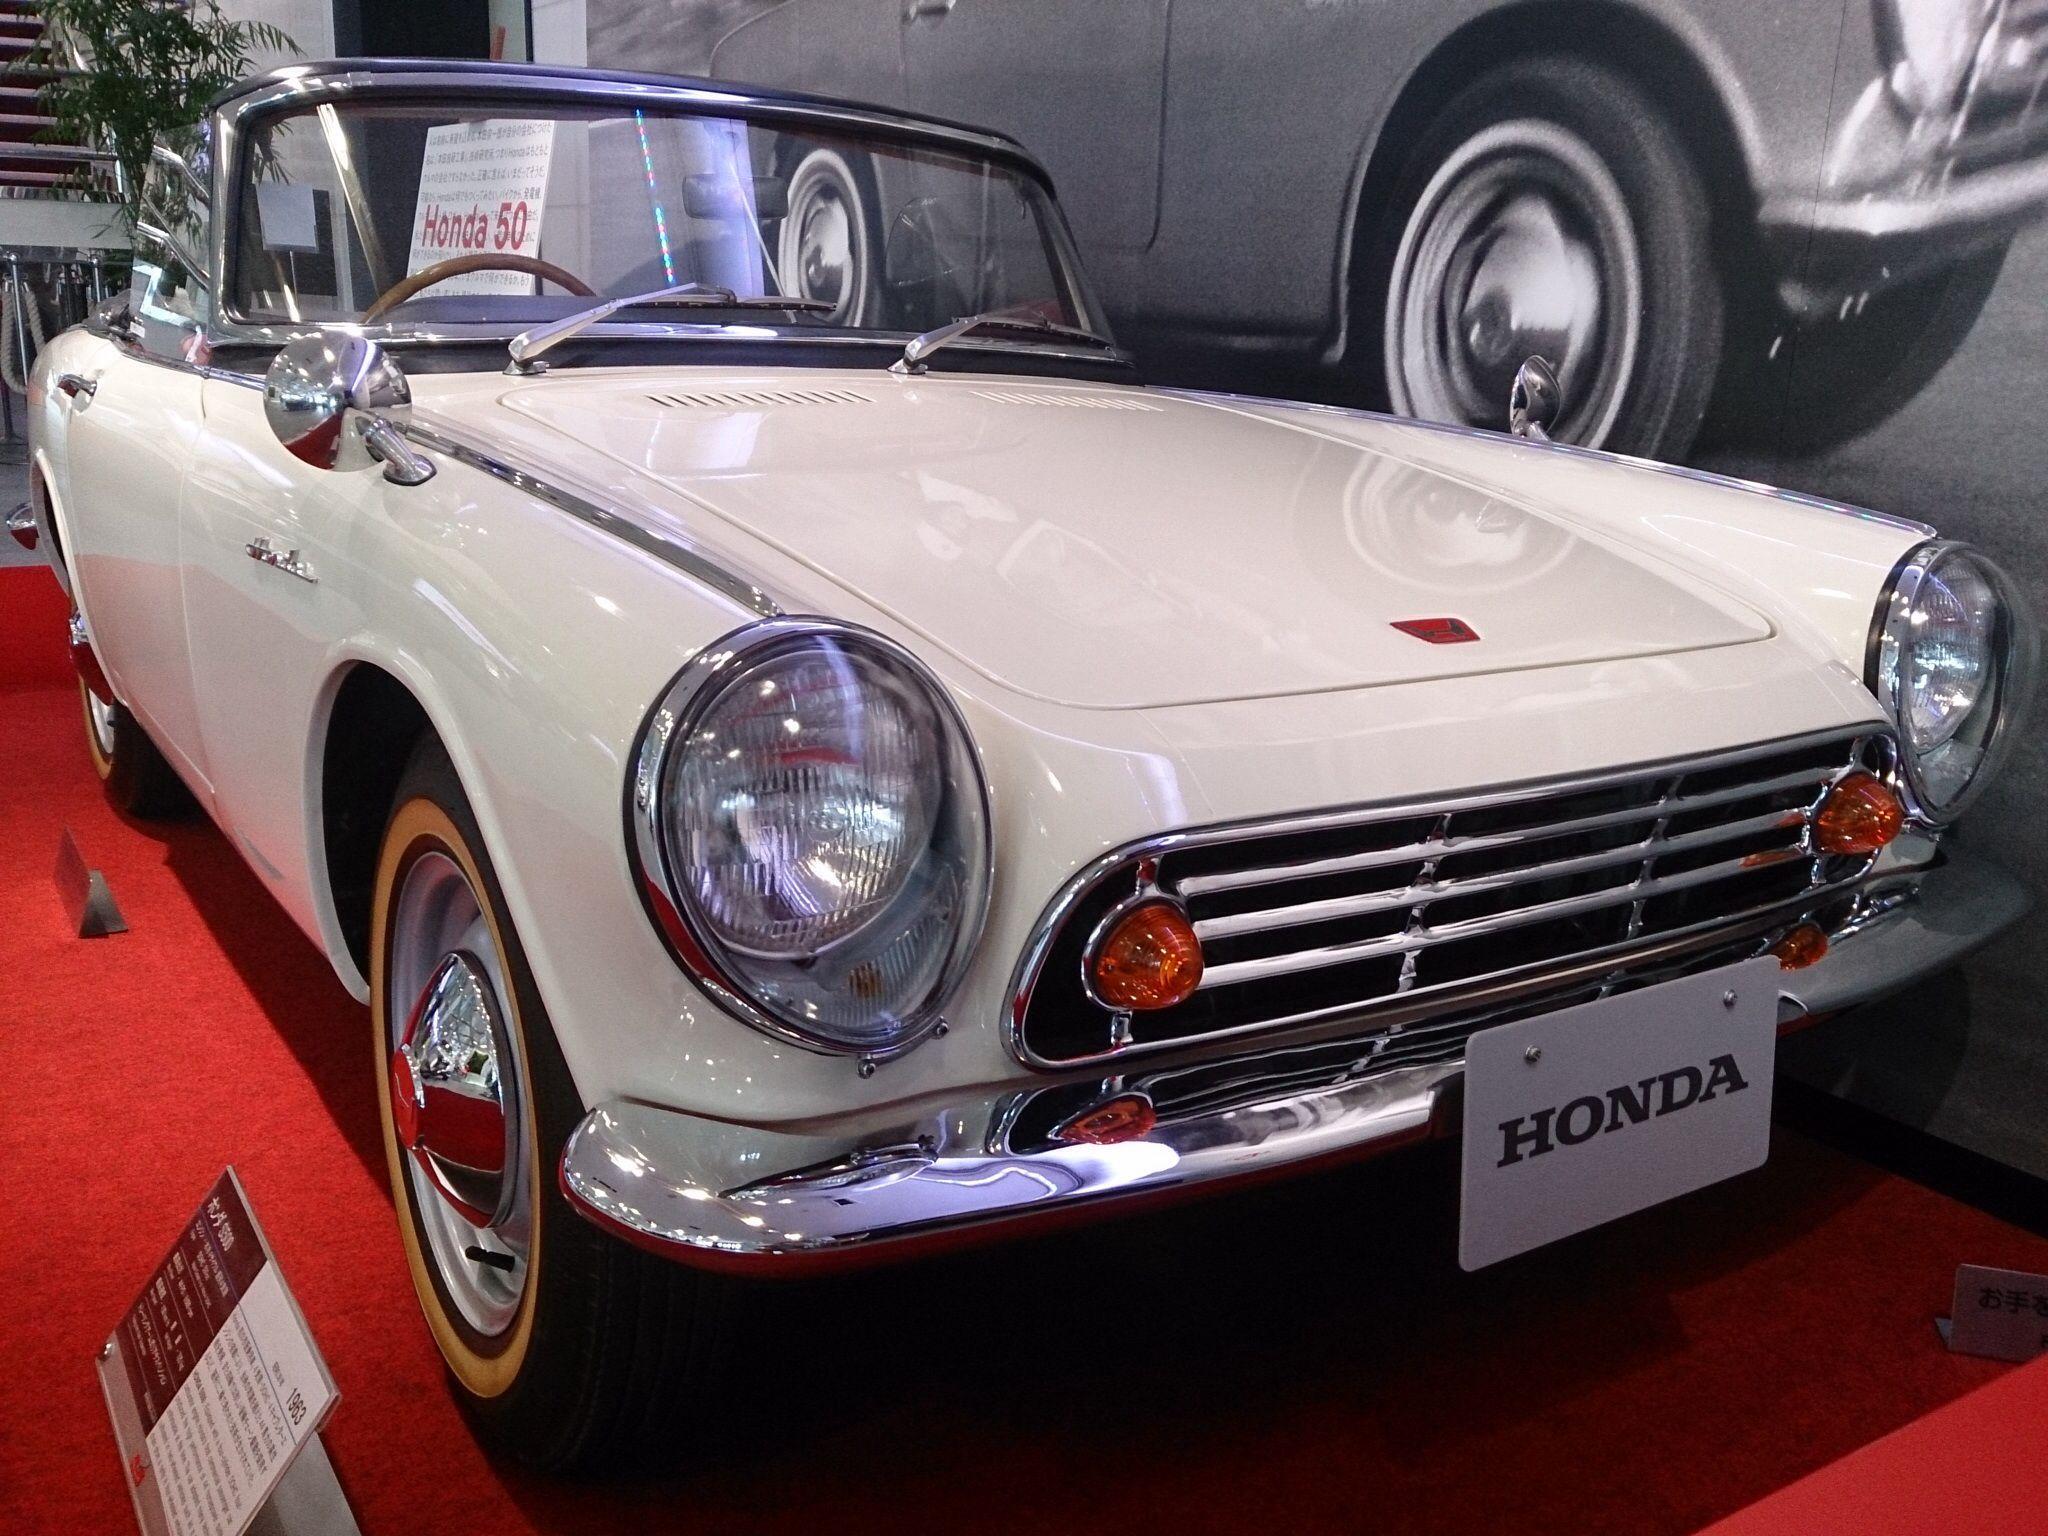 むかしのホンダ車大集合 1st Honda Classic Meeting の会場から ビジュアル25枚 画像 写真 Webcg ホンダ ホンダ 車 車